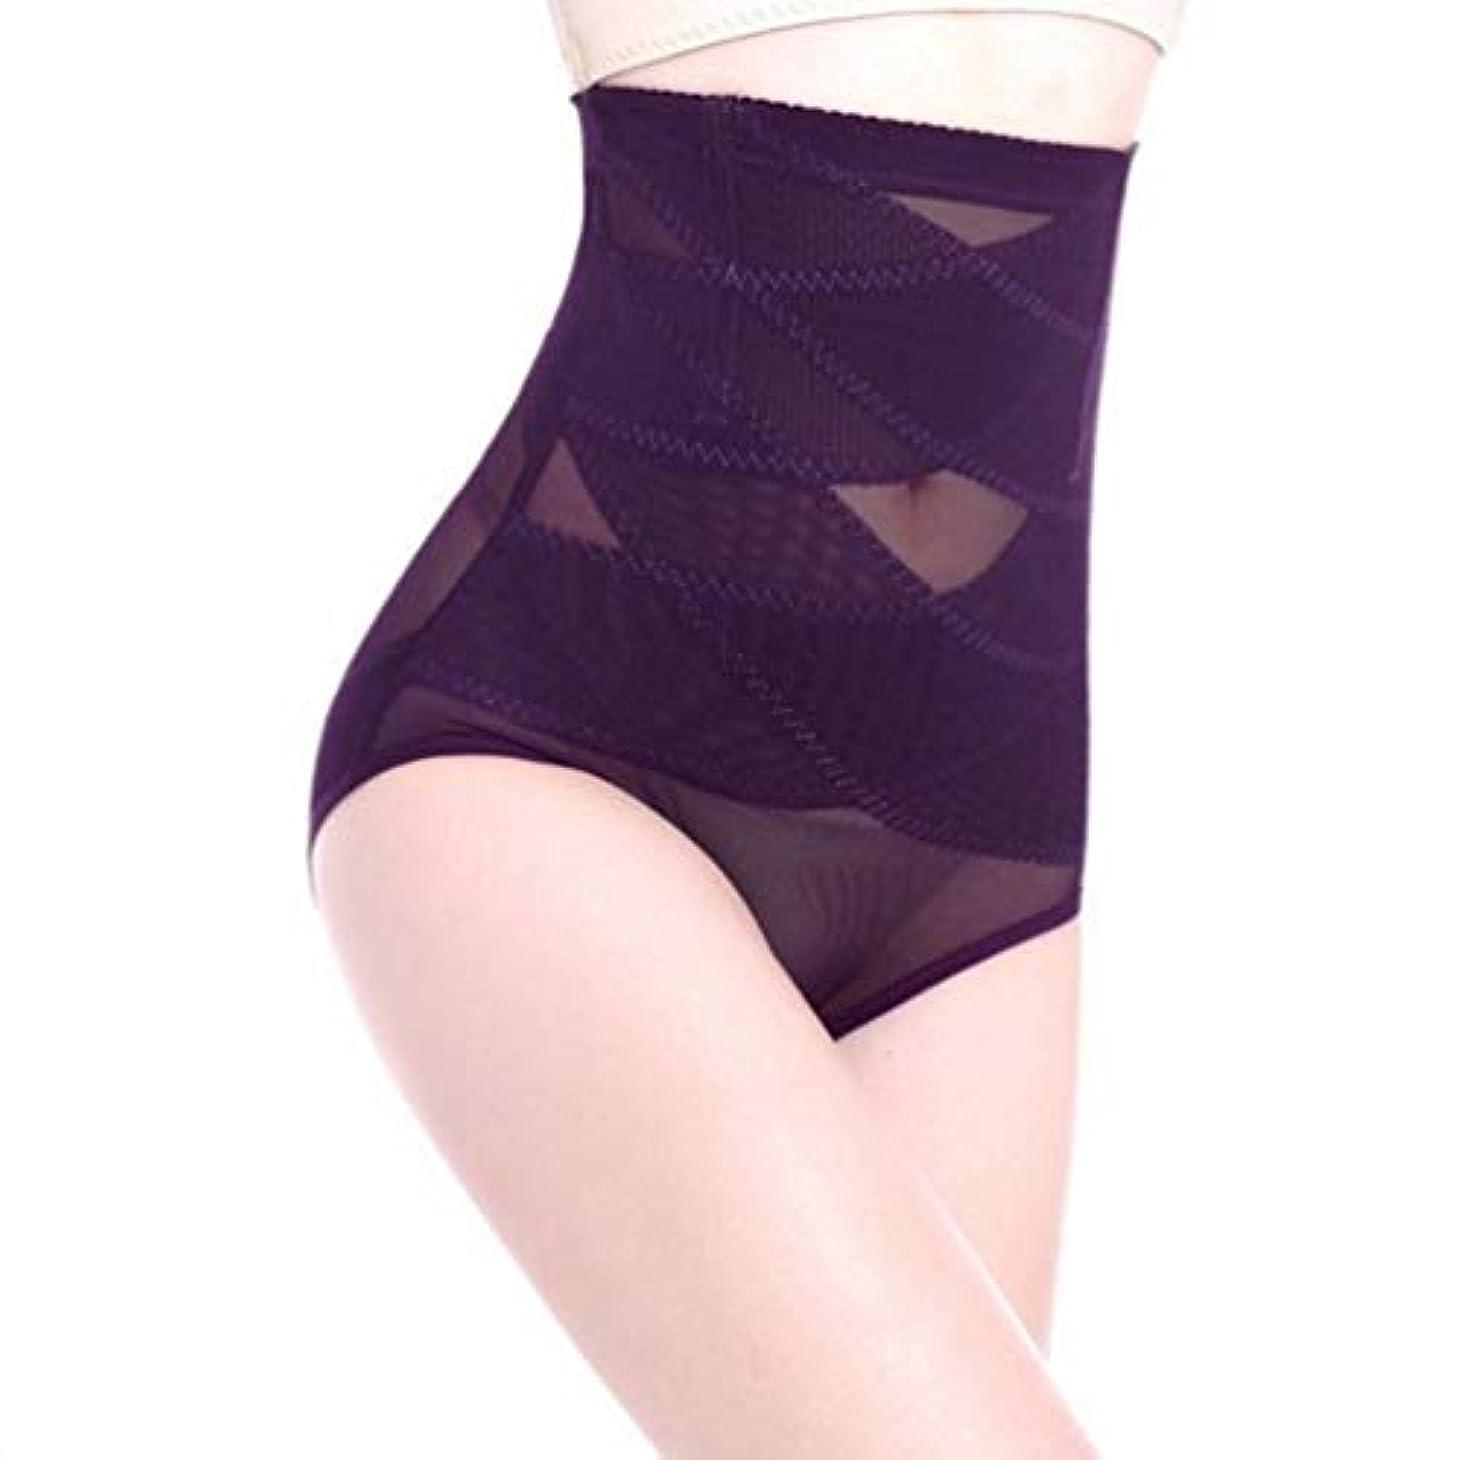 曲線作業簡単に通気性のあるハイウエスト女性痩身腹部コントロール下着シームレスおなかコントロールパンティーバットリフターボディシェイパー - パープル3 XL